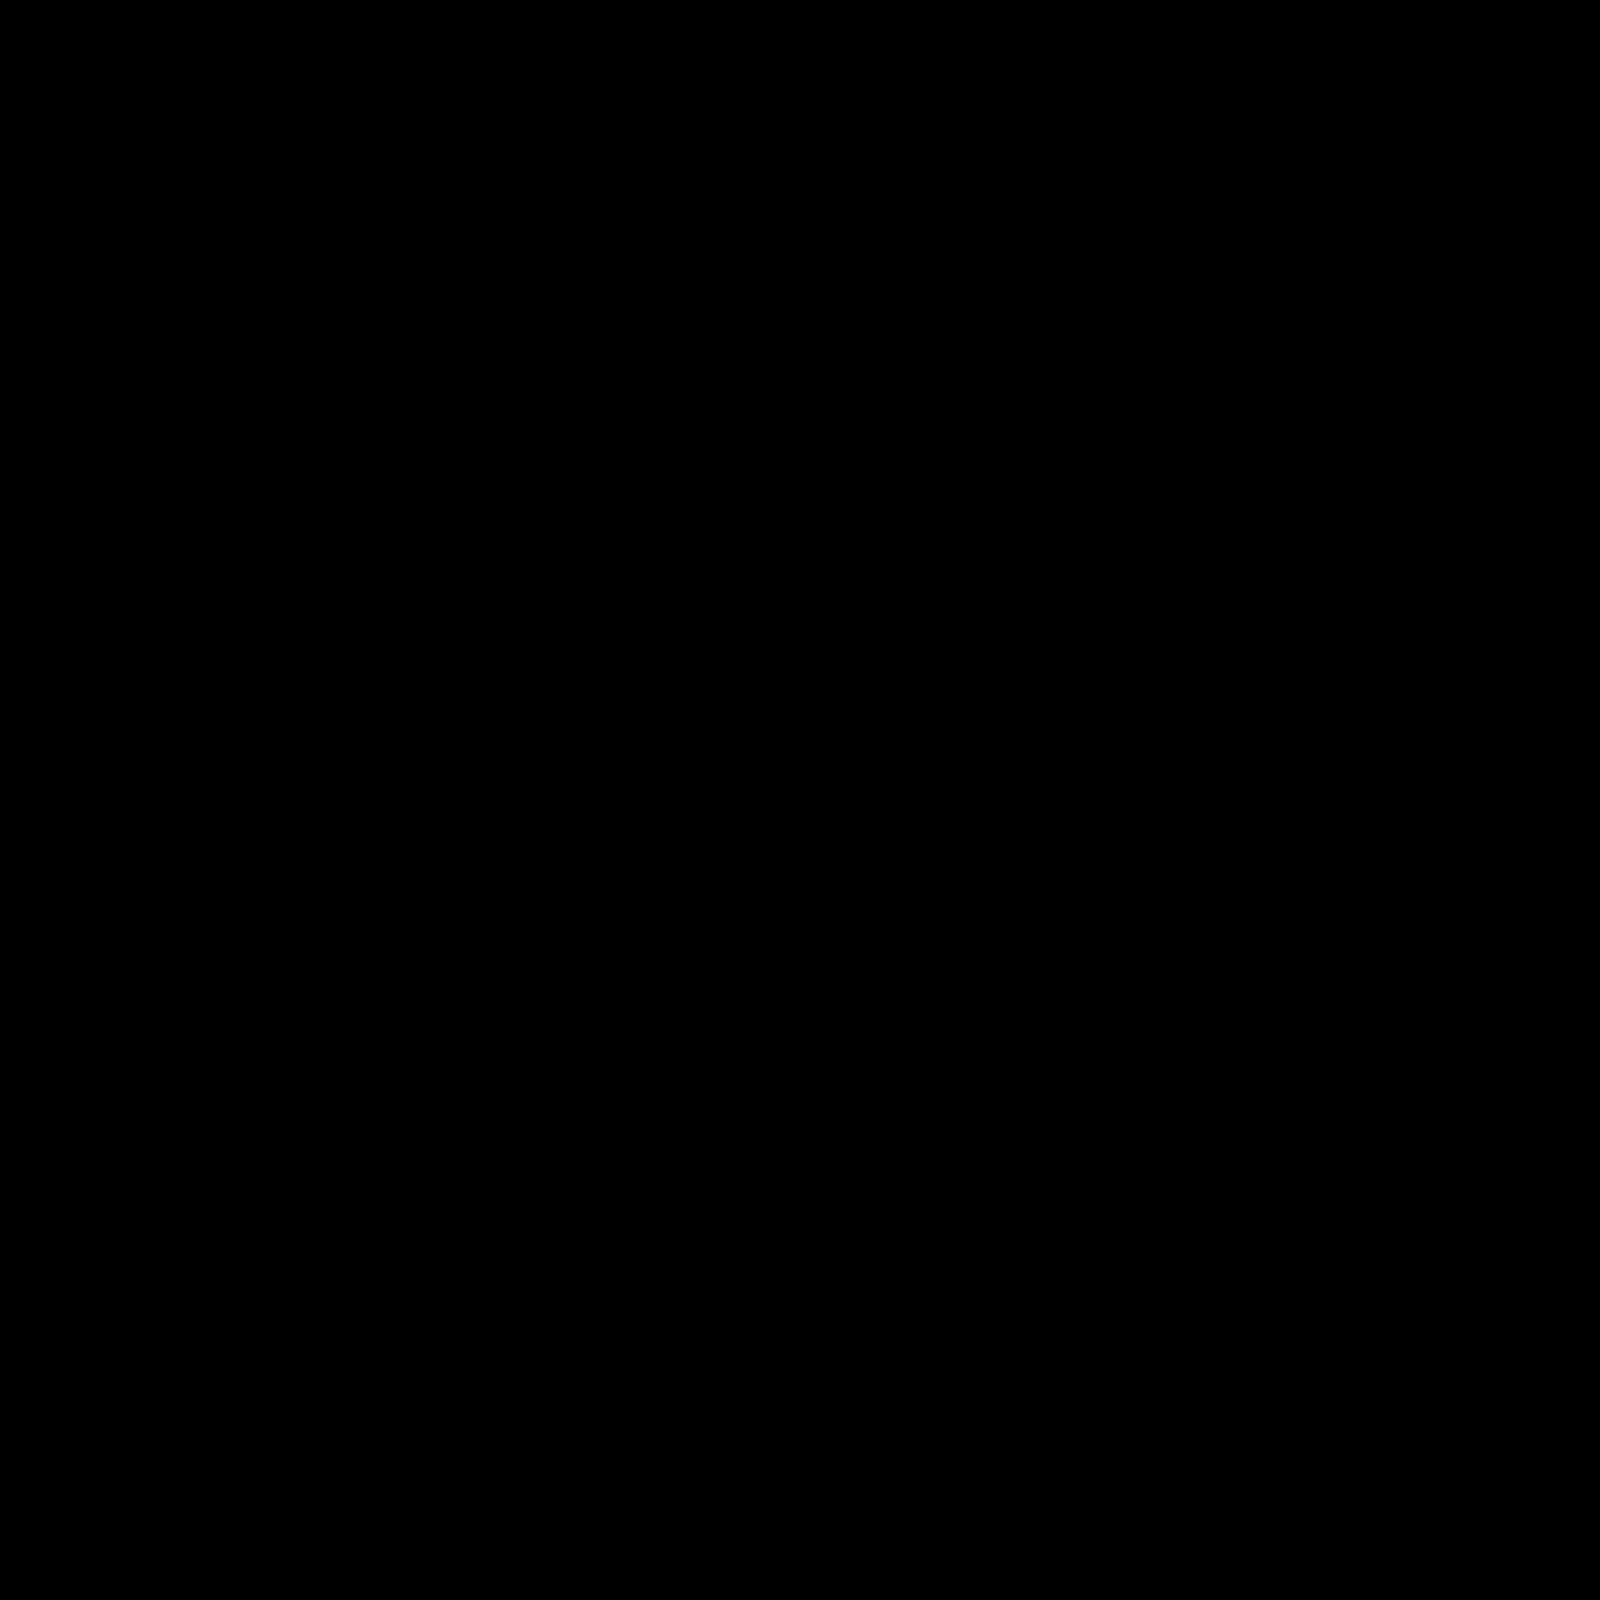 Ruchomy dom icon